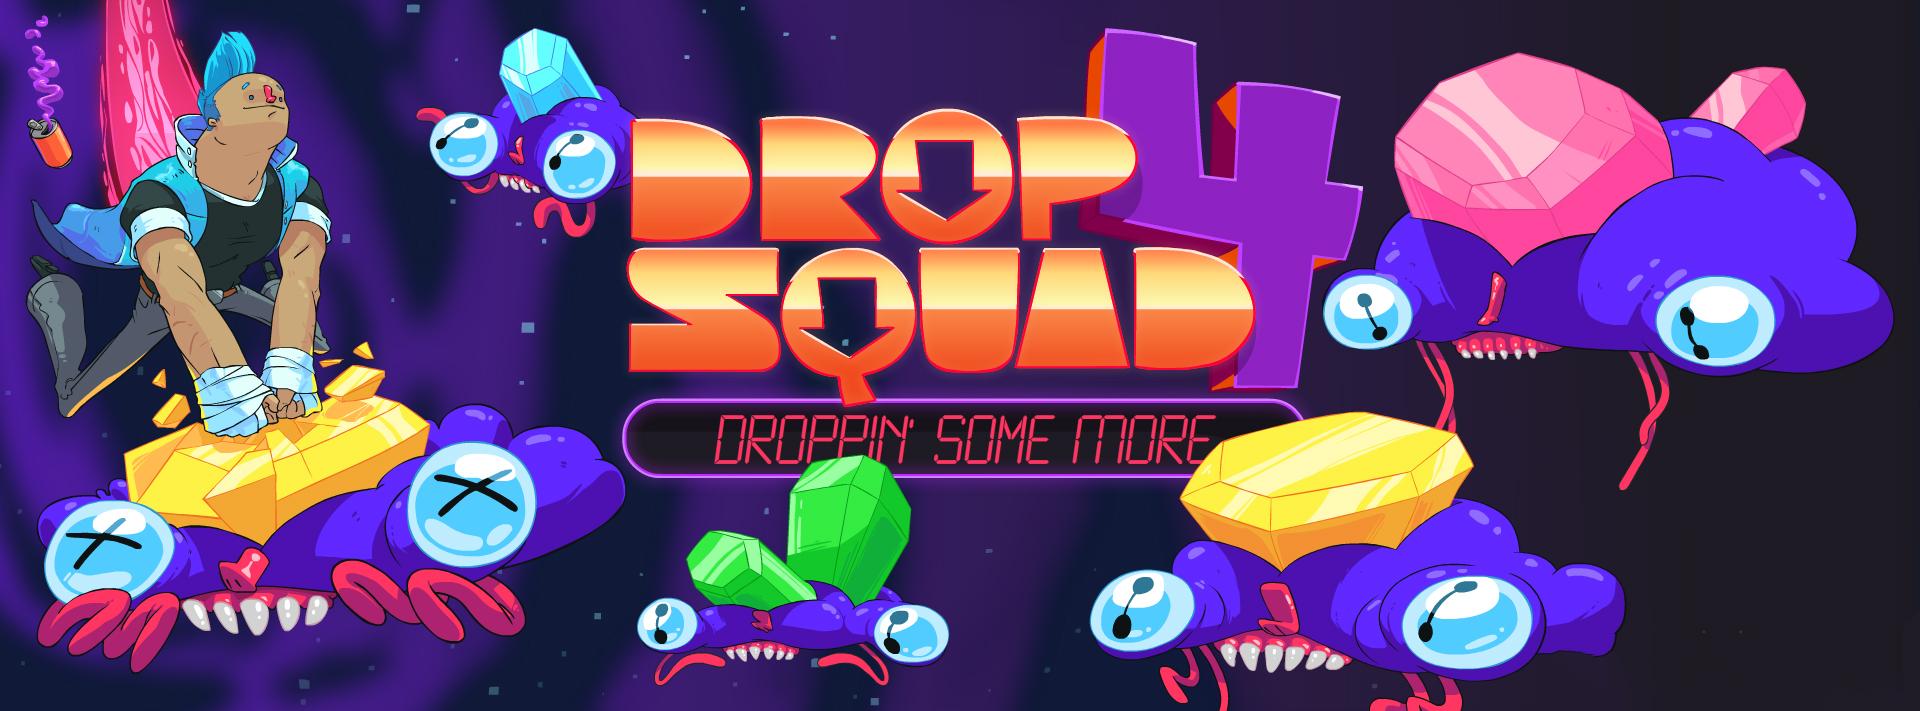 Drop Squad 4